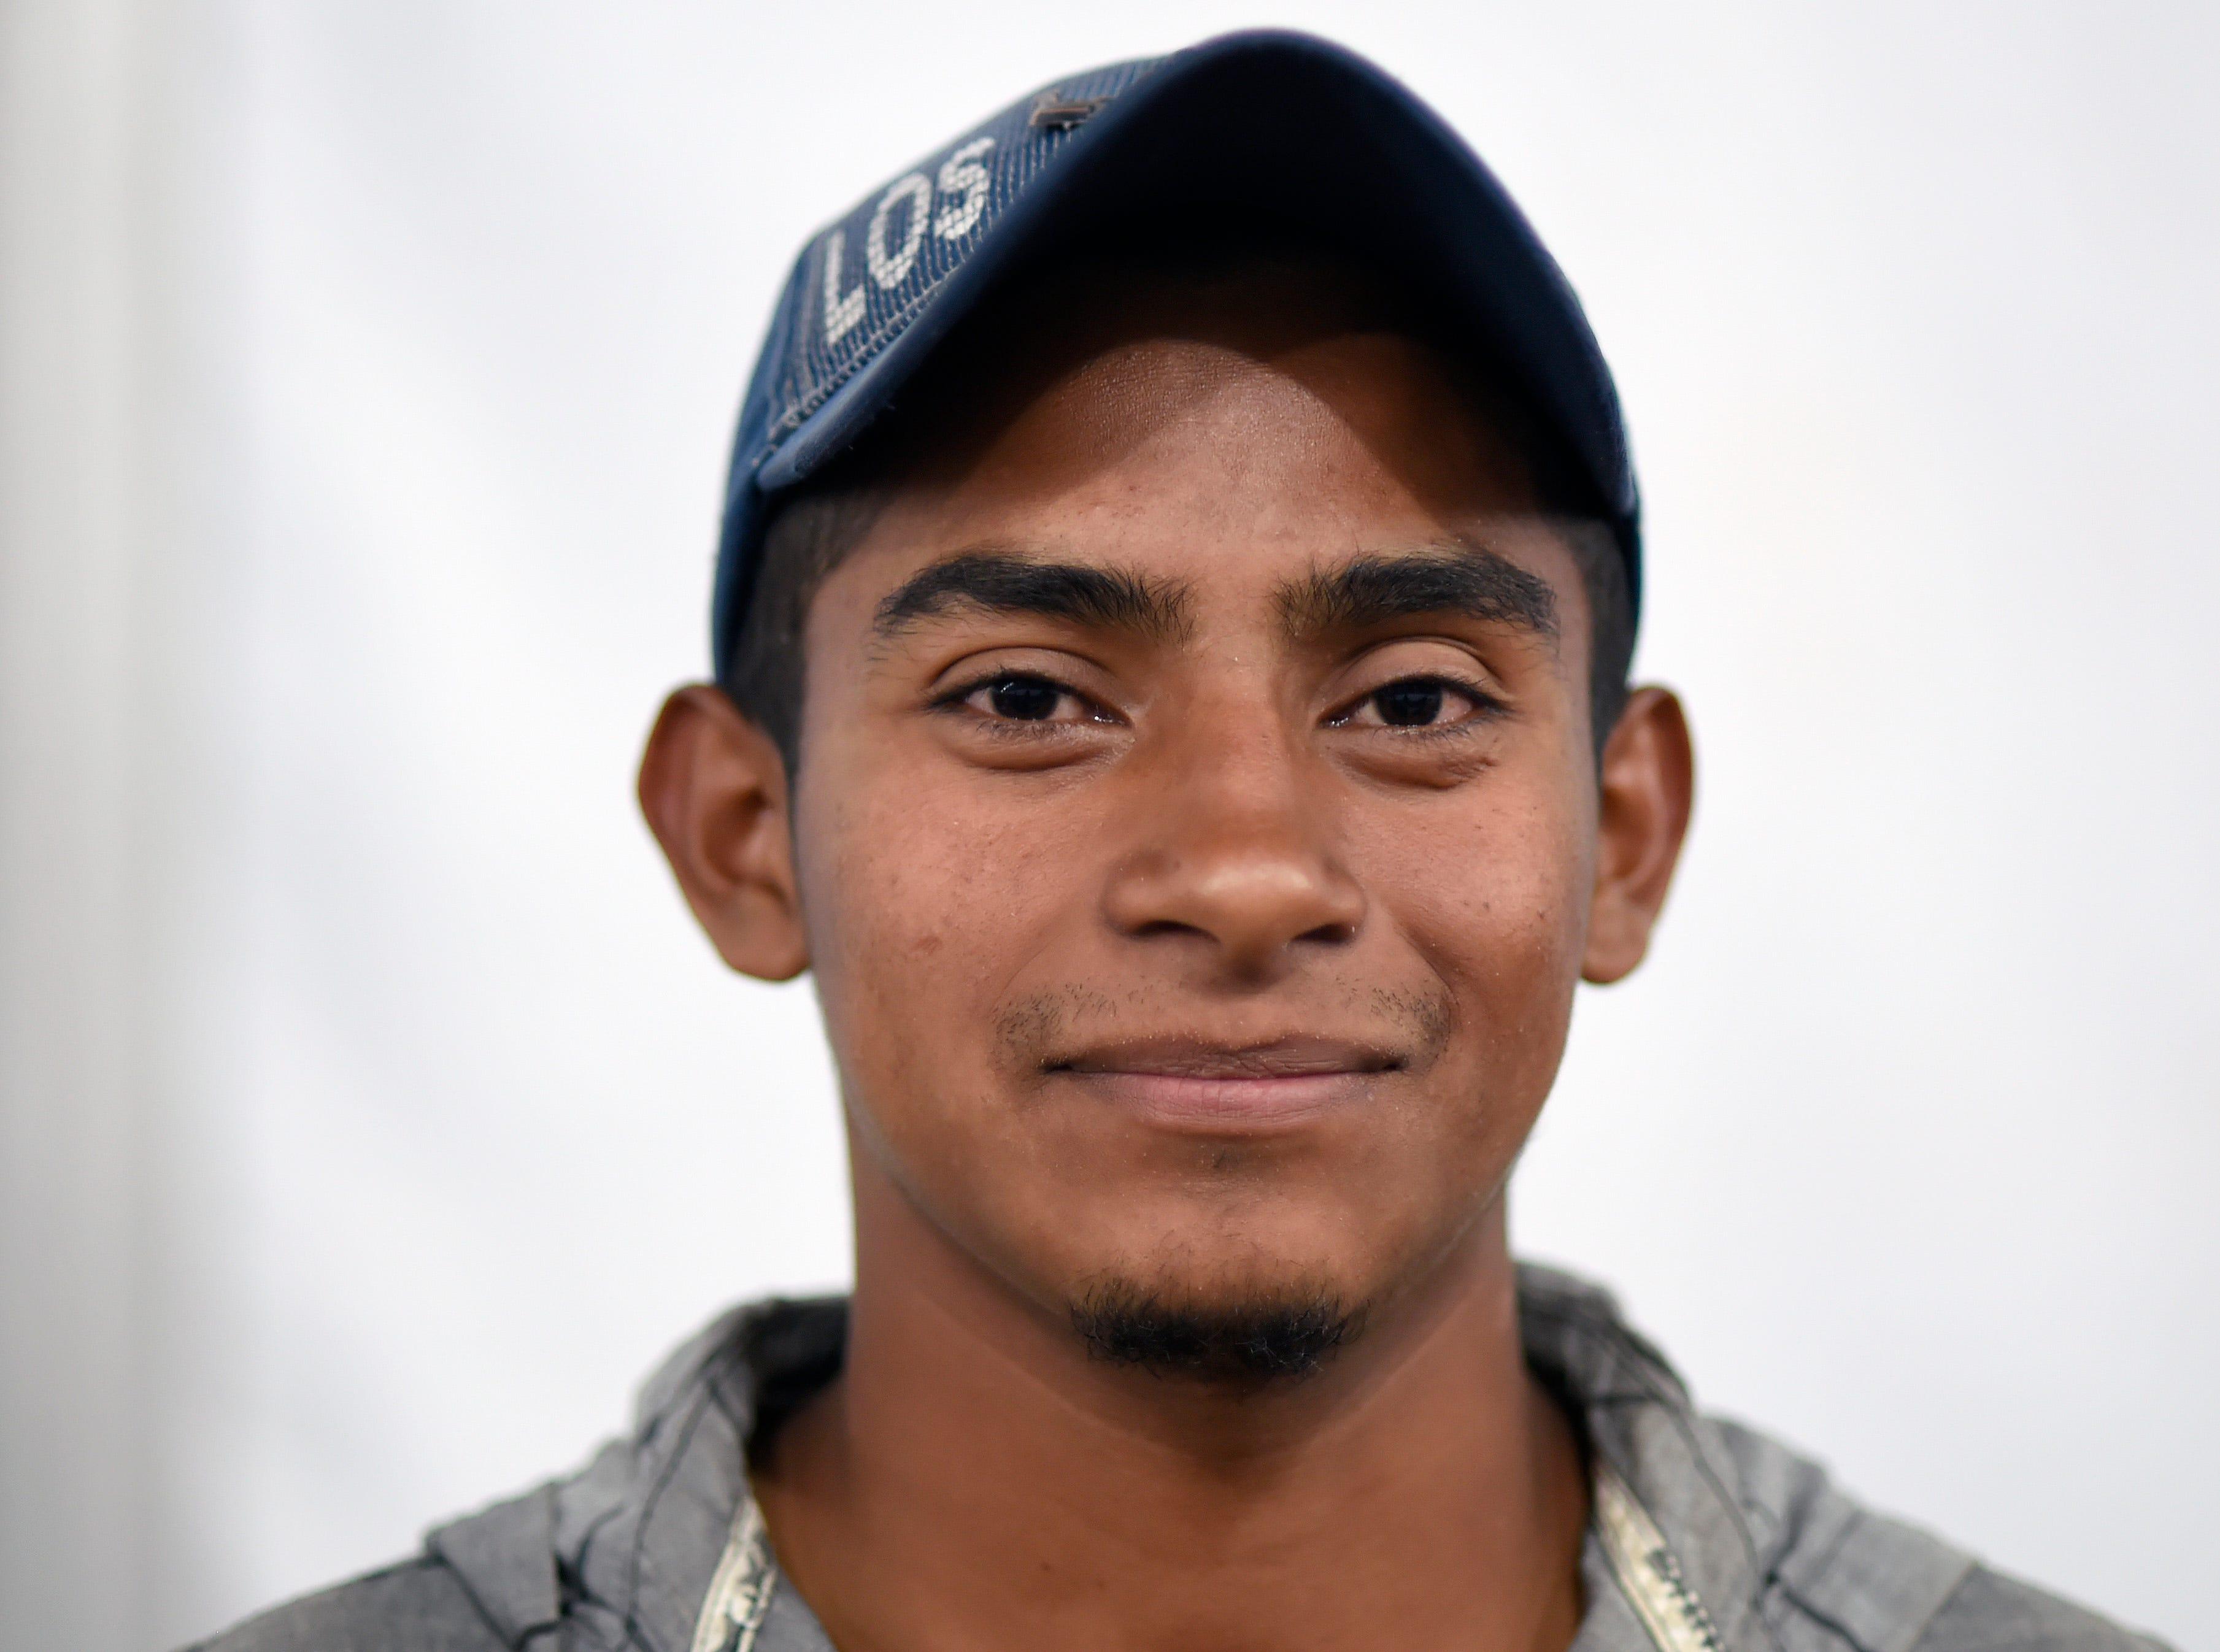 Marel Santos, hondureño de 18 años. Estos son los rostros de los migrantes centroamericanos que huyen de la pobreza y violencia que se vive en sus países; y que por medio de una caravana caminan cientos de kilómetros cruzando ciudades, ríos, carreteras, bosques y fronteras, con el firme propósito de hacer realidad su sueño de llegar a los Estados Unidos.